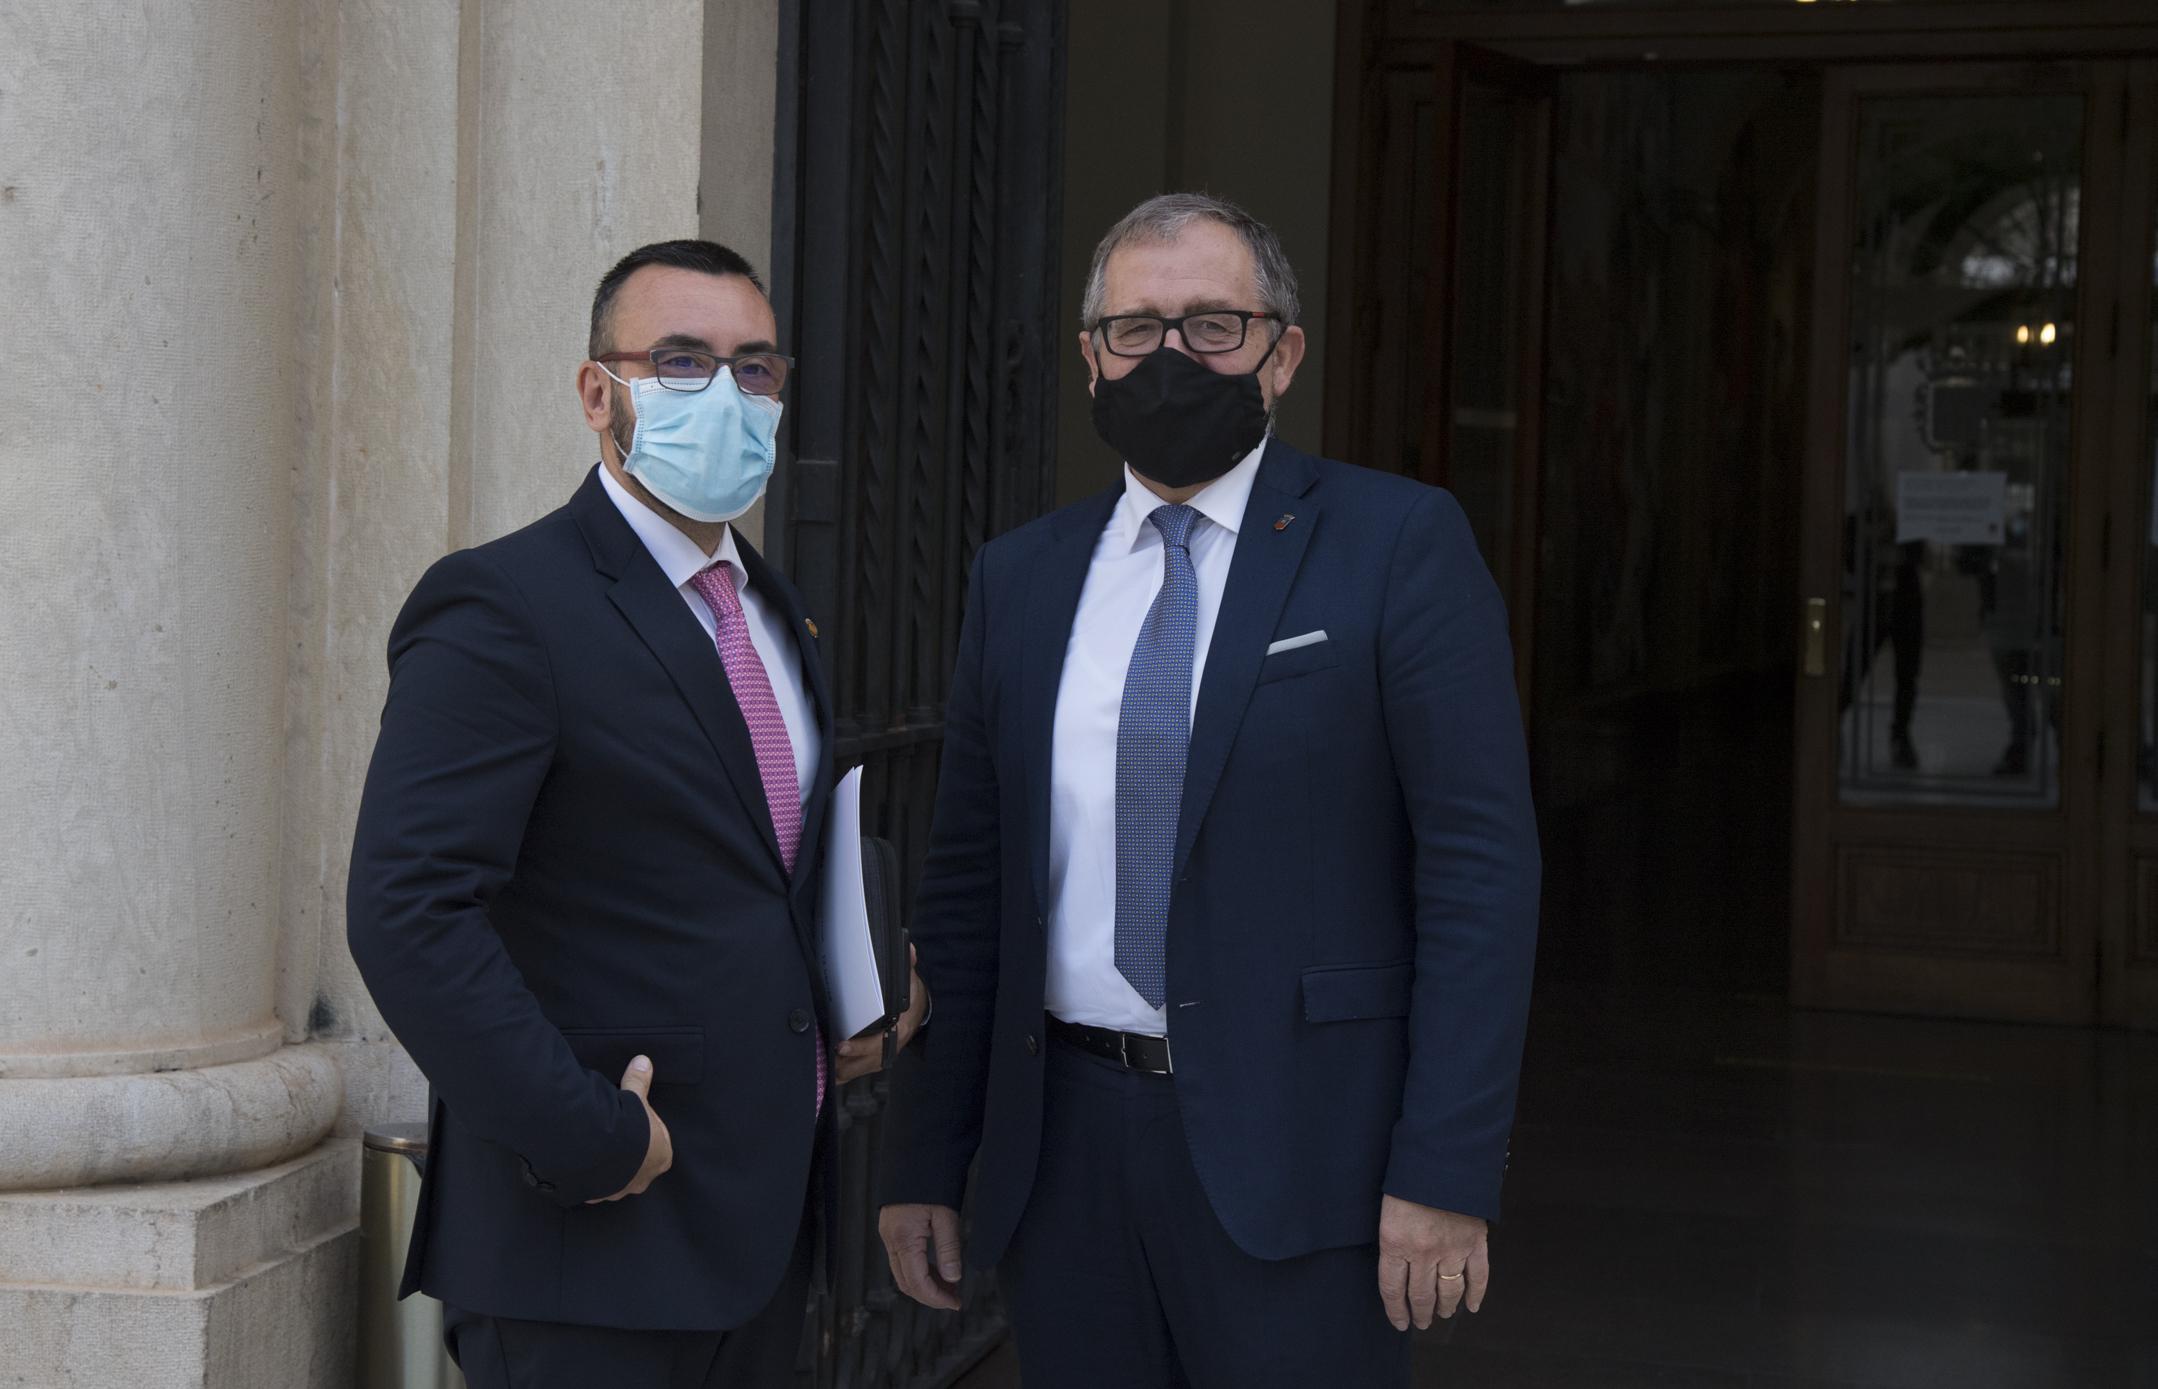 El Presidente de la Diputación de Castellón José Martí y el Alcalde de Vila-real, José Benlloch estudian soluciones que permitan impulsar en 2021 la rehabilitación del albergue municipal del Termet